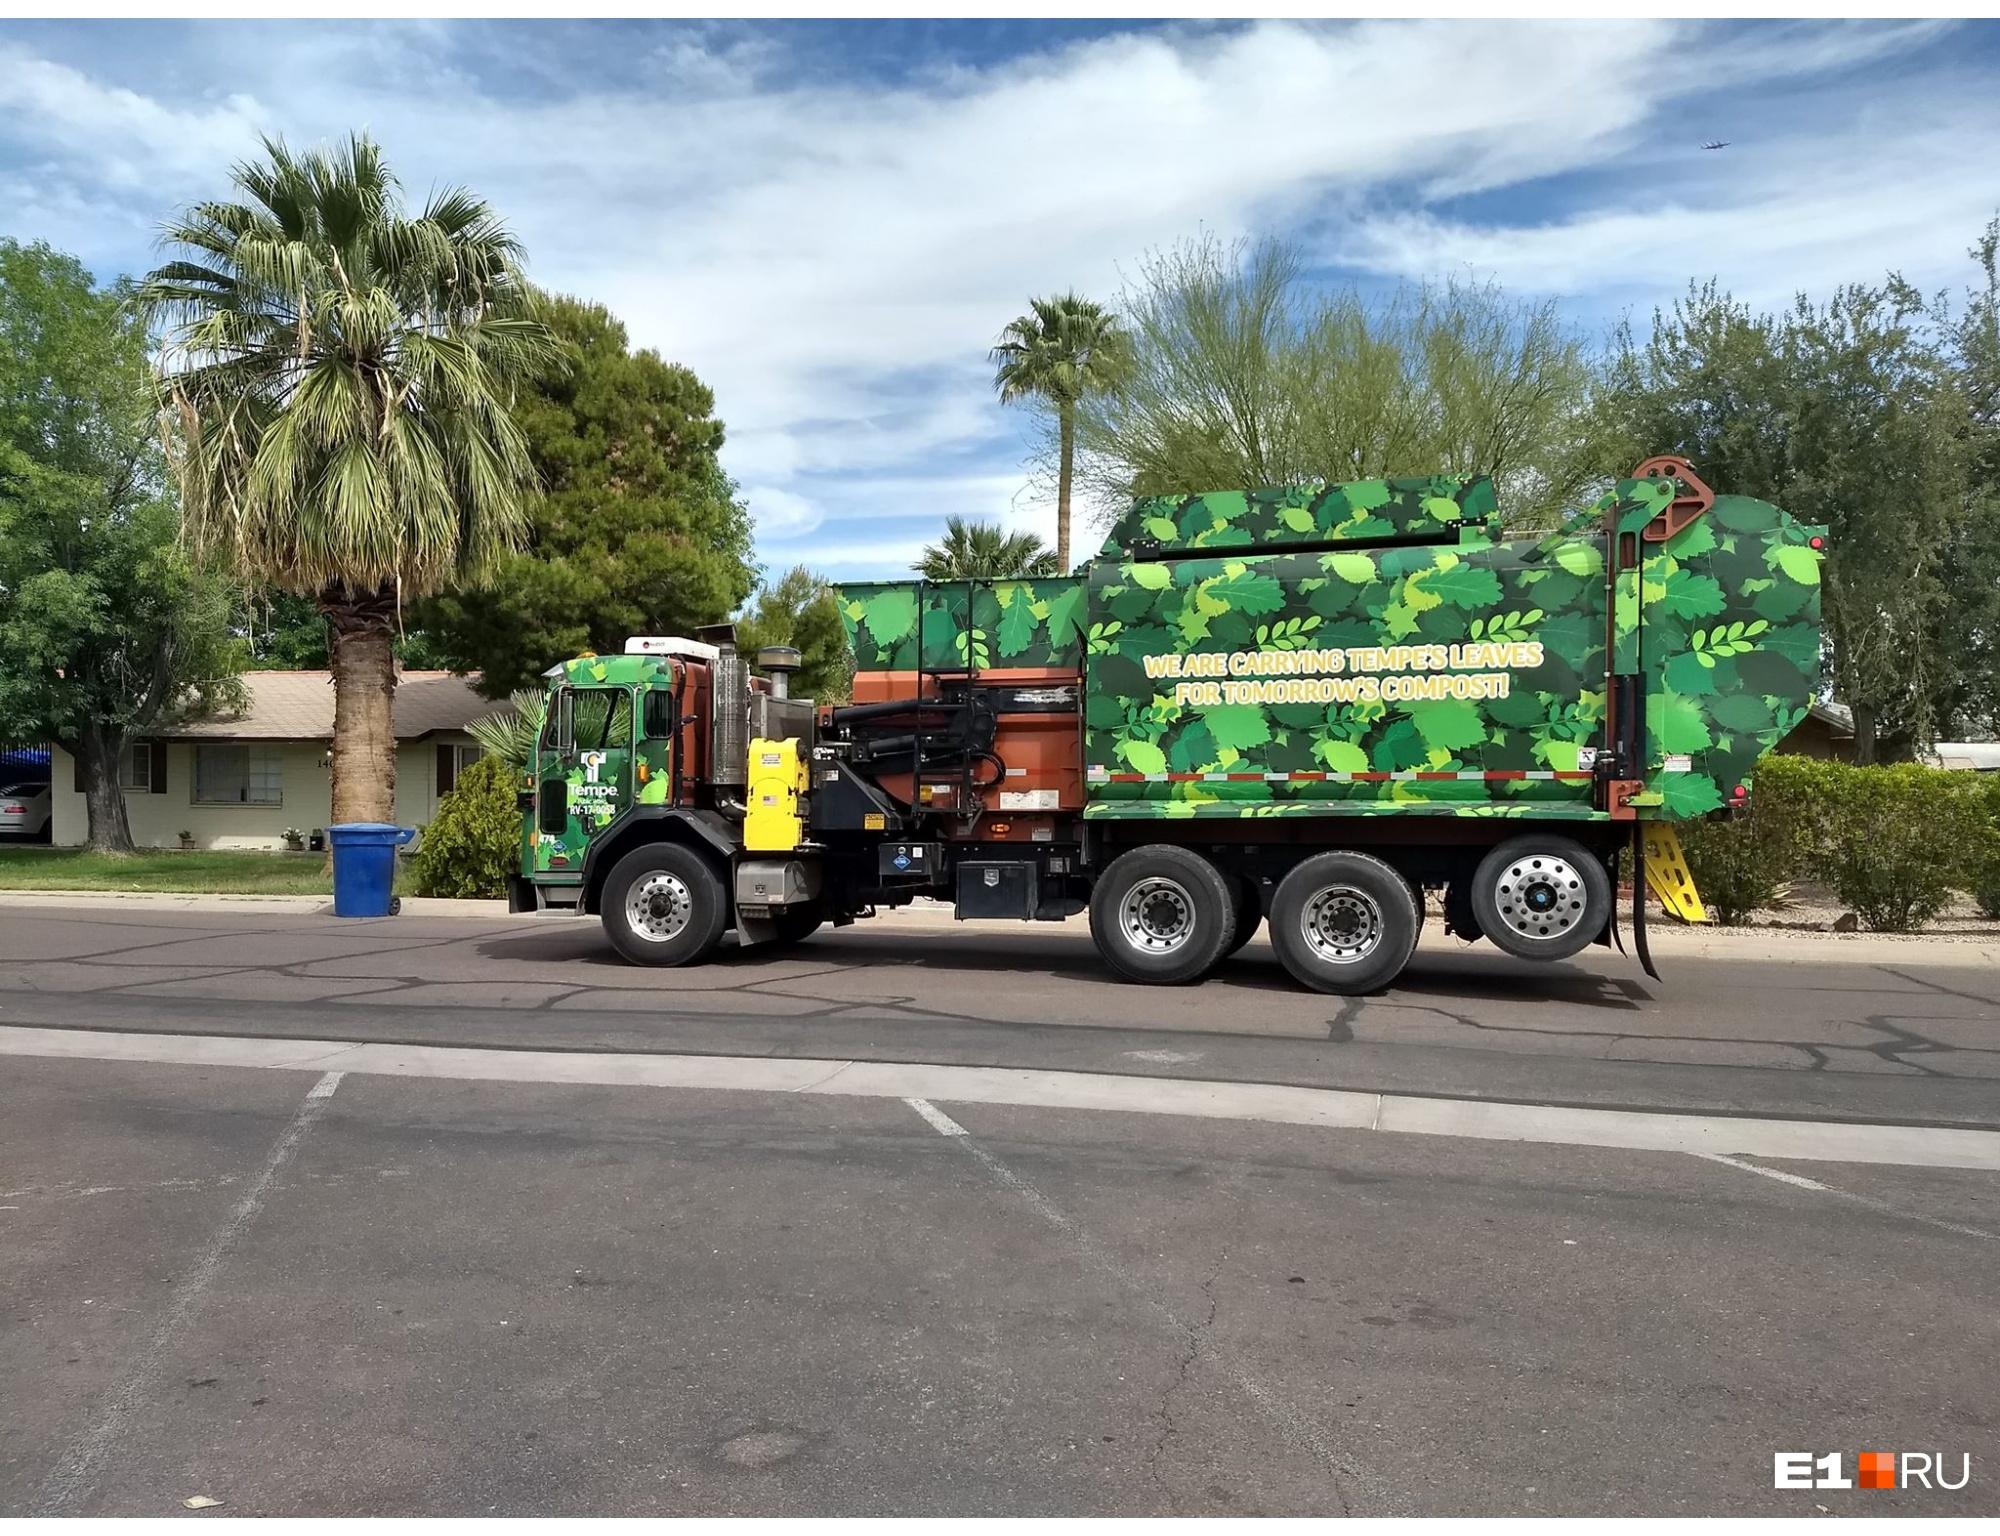 Весёлый мусоровоз в Аризоне